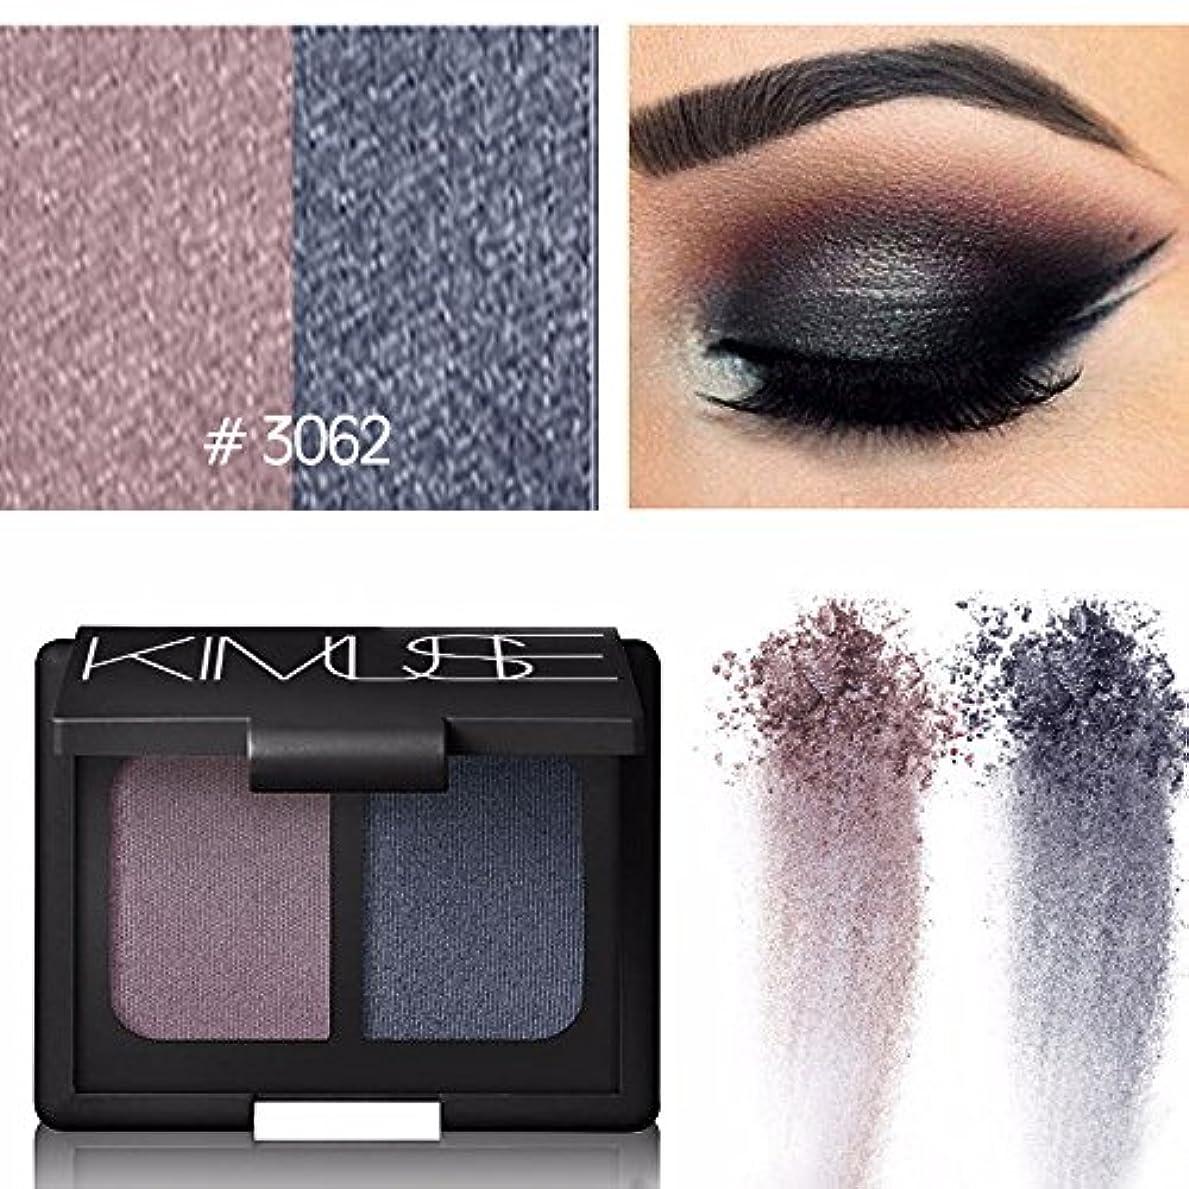 日曜日ええロールAkane アイシャドウパレット KIMUSE ファッション 魅力的 気質的 人気 綺麗 マット チャーム つや消し 長持ち おしゃれ 持ち便利 Eye Shadow (2色5組み)